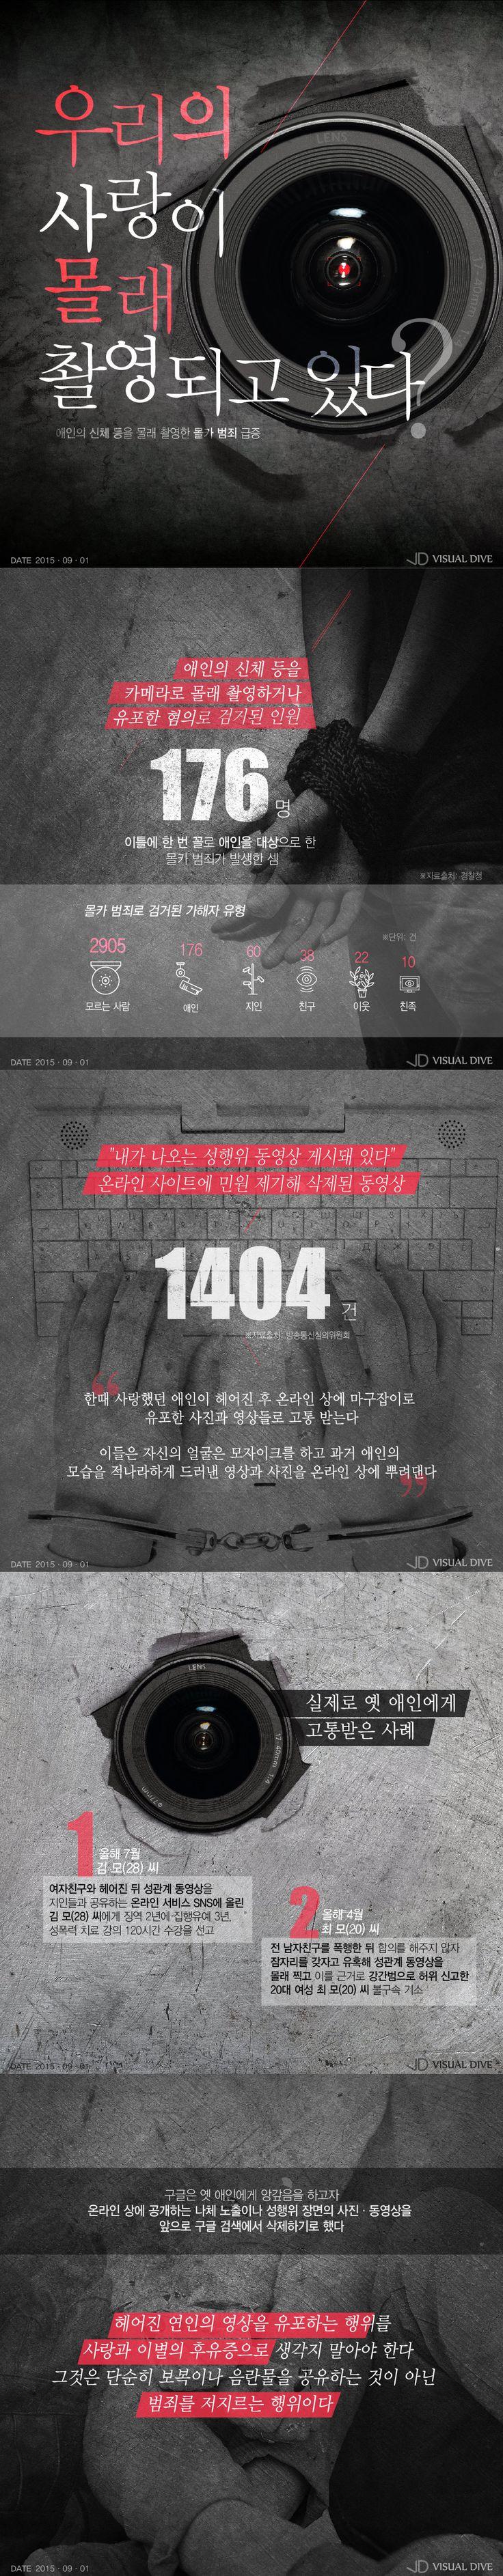 '몰카 공포'에 빠진 대한민국…연인 간 범죄 급증 [인포그래픽] #Hidden_Camera / #Infographic ⓒ 비주얼다이브 무단 복사·전재·재배포 금지